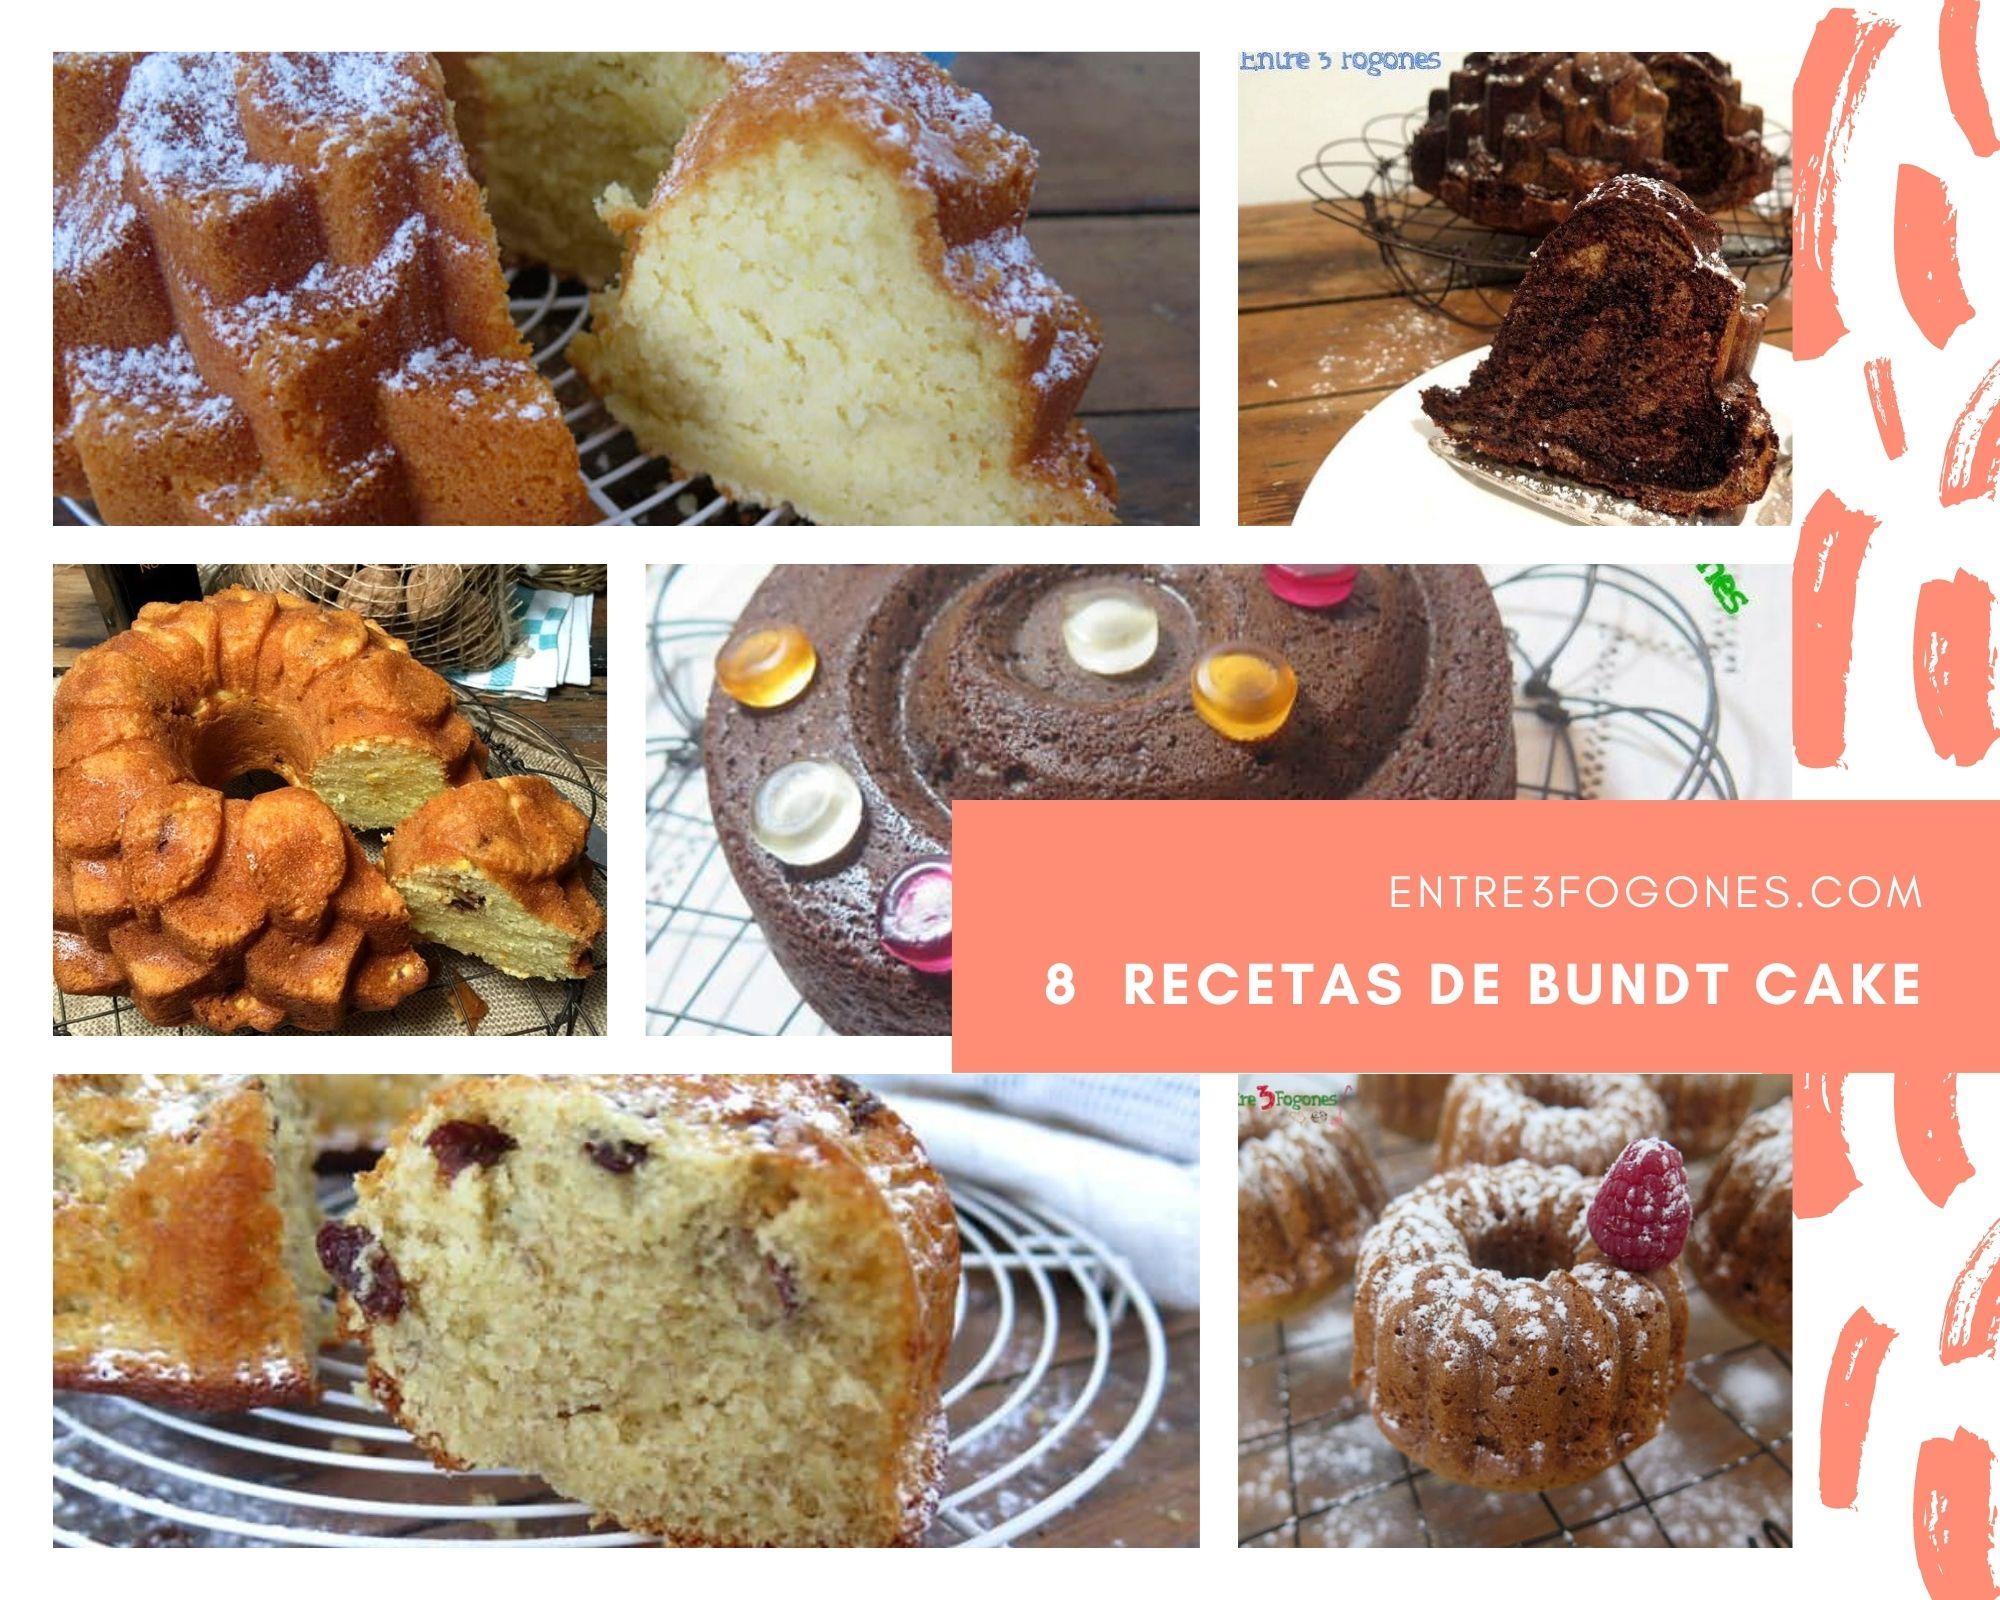 8 Deliciosas Recetas de Bundt Cake